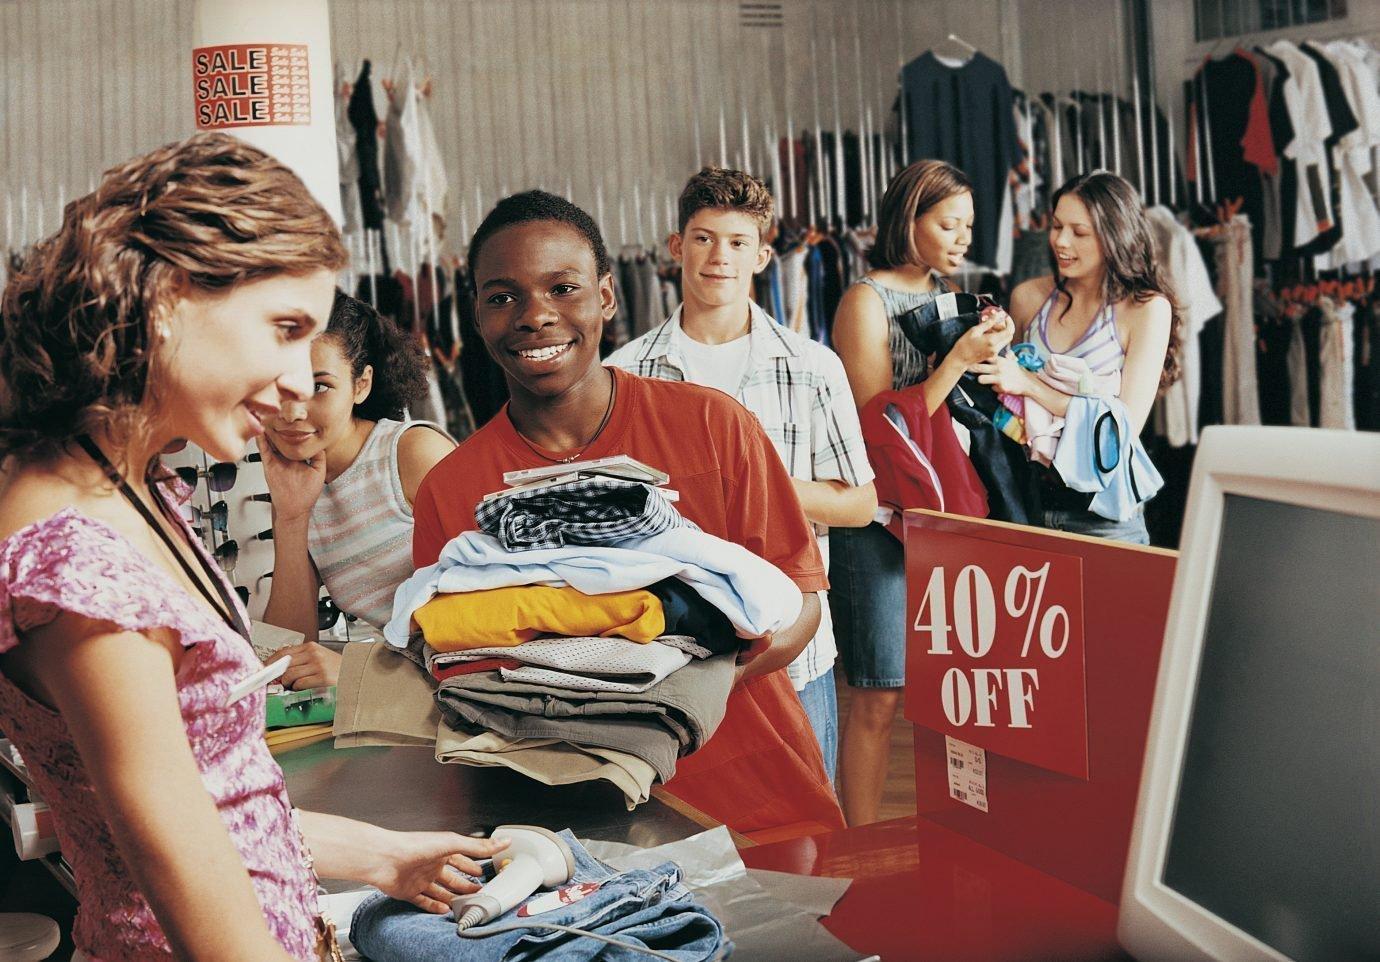 Vendedora com fila em loja de roupas: vendas, varejo